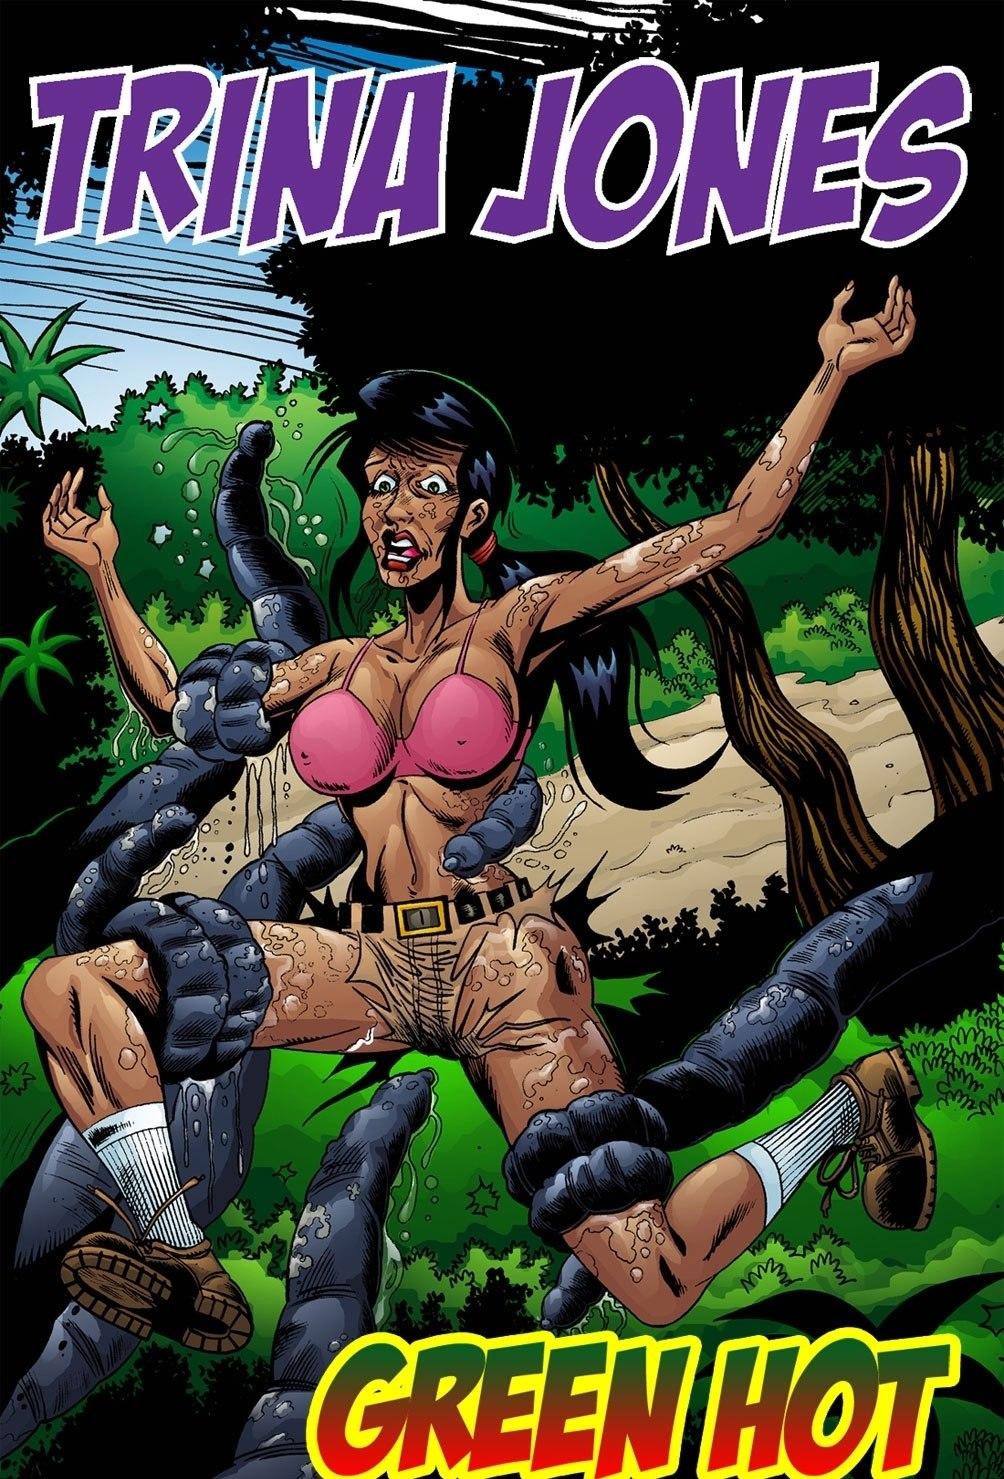 Trina Jones Green Hot porn comics 8 muses